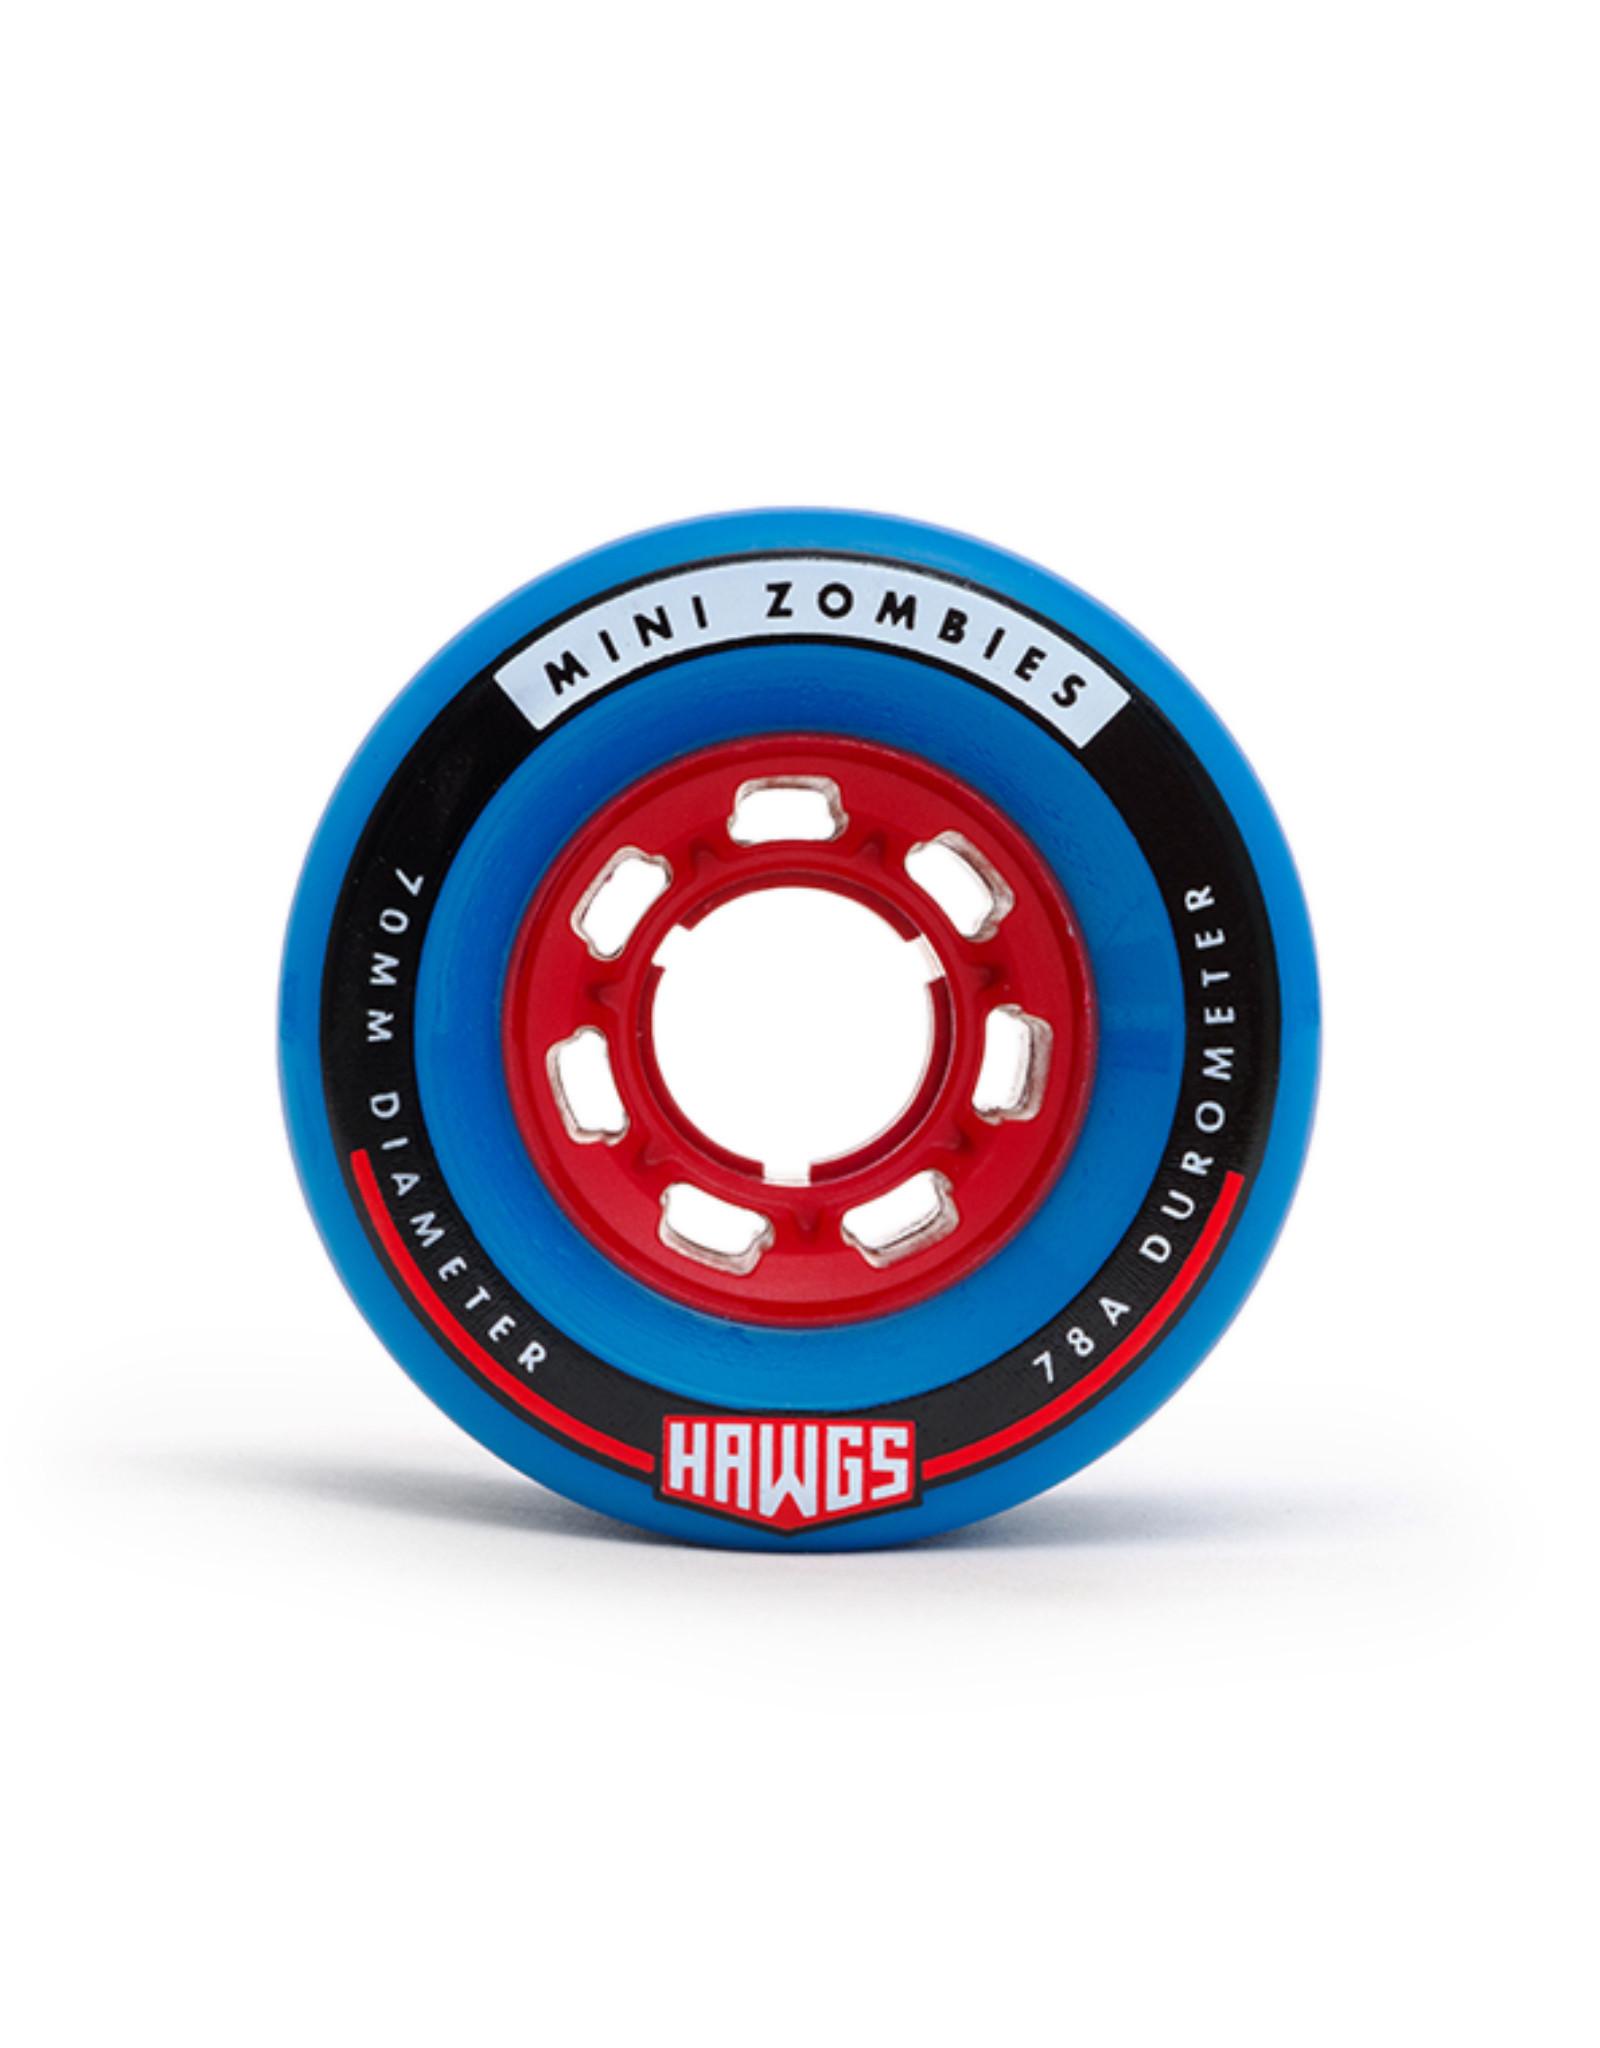 Hawgs Wheels Hawgs Mini Zombie Wheels 70 mm 78A Blue Set of 4